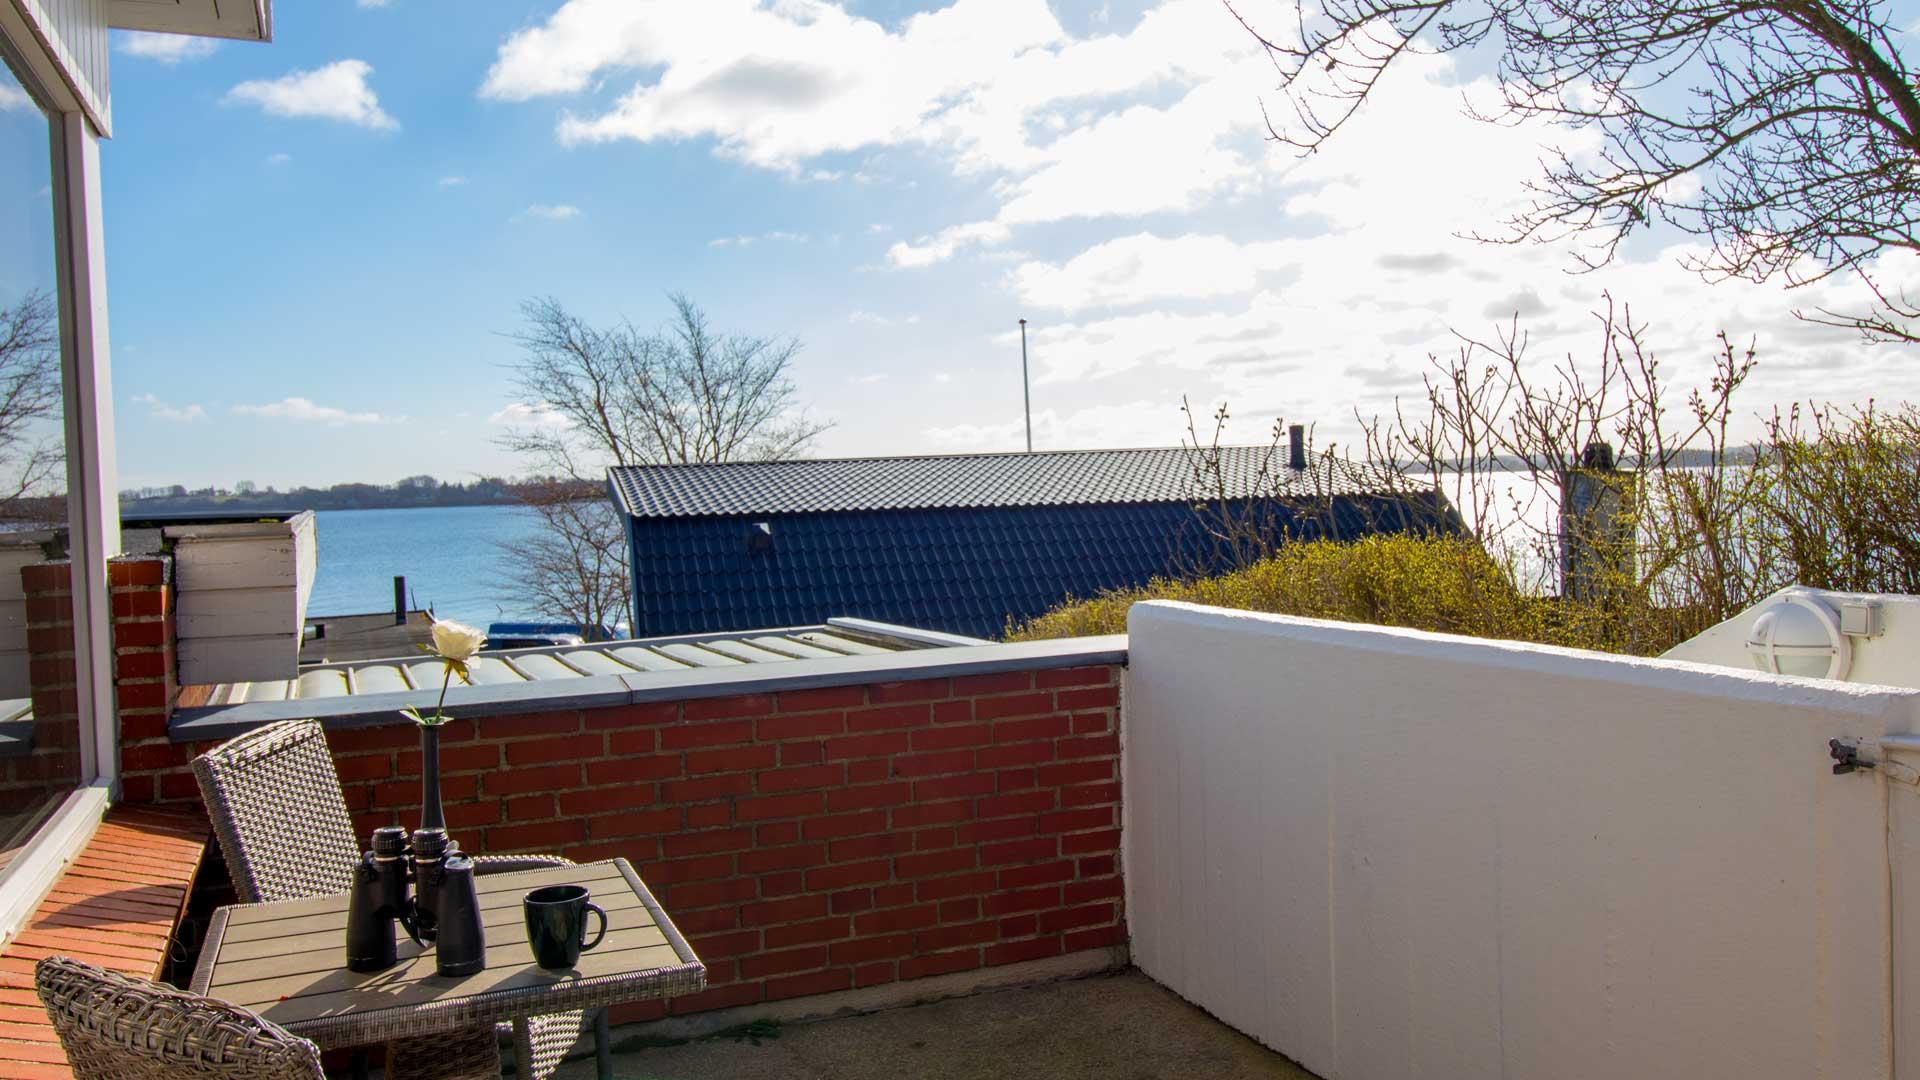 Lejlighedens terrasse